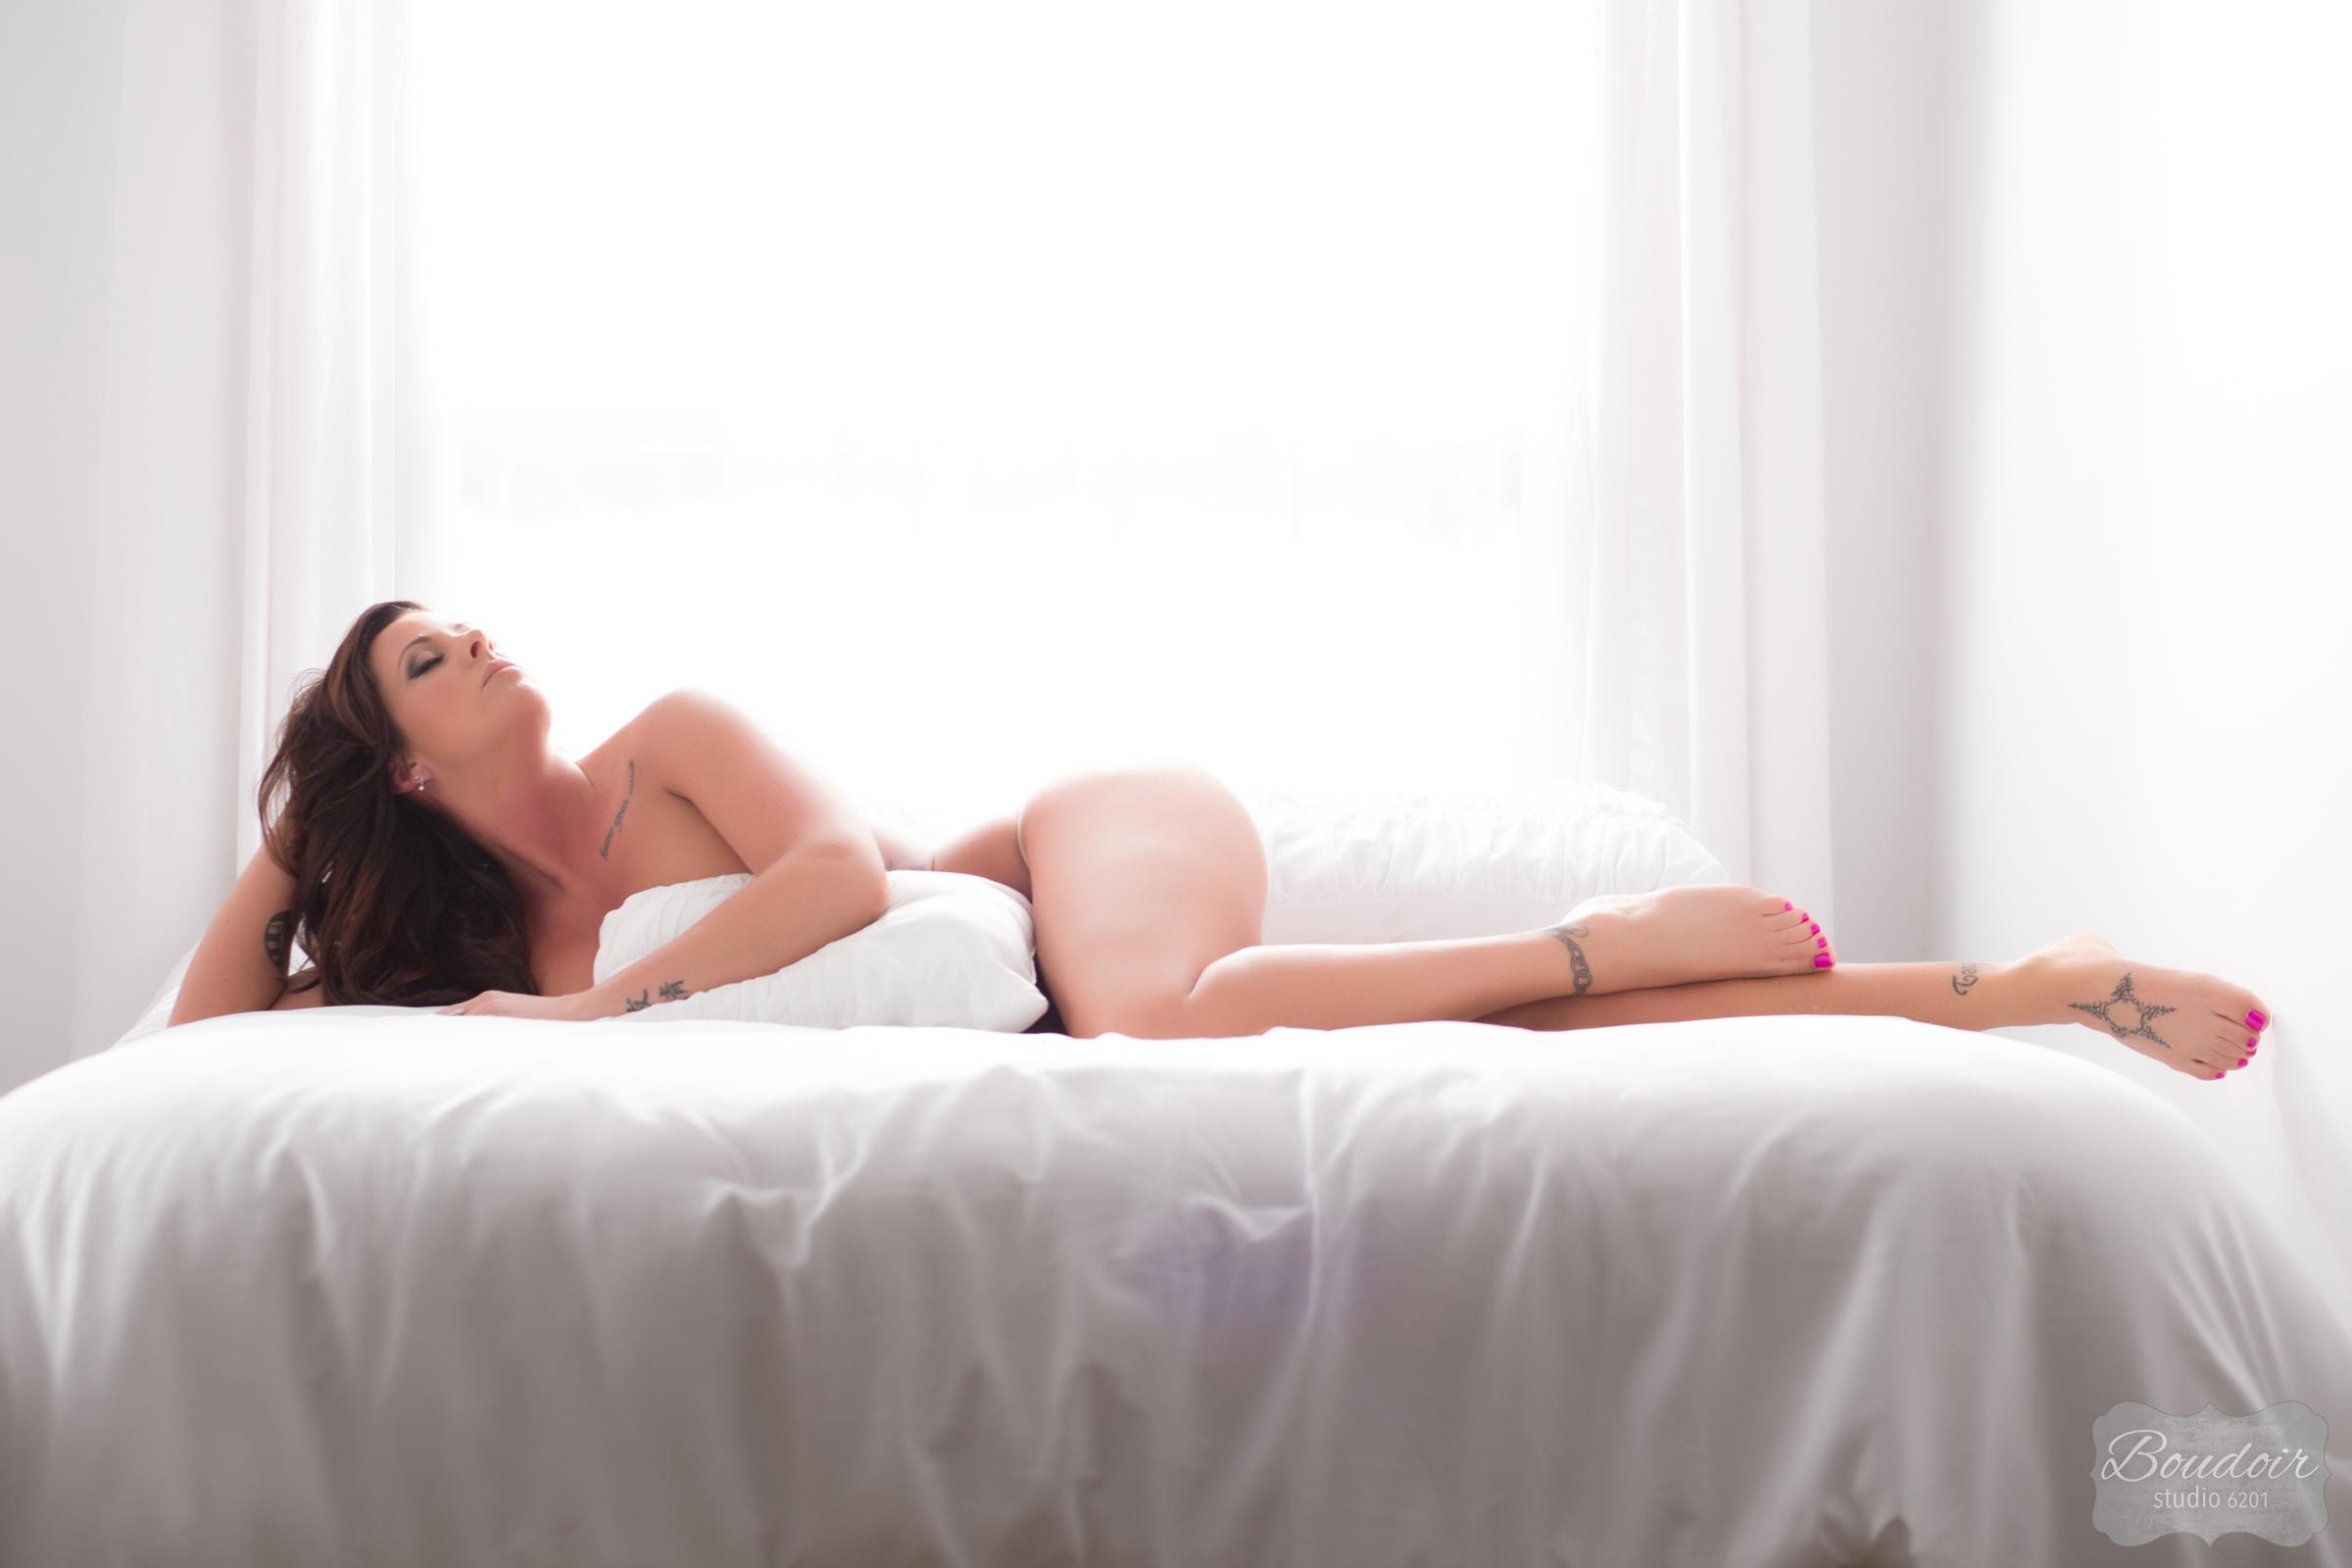 boudoir-studio-6201-summer-in-the-sheets095.jpg